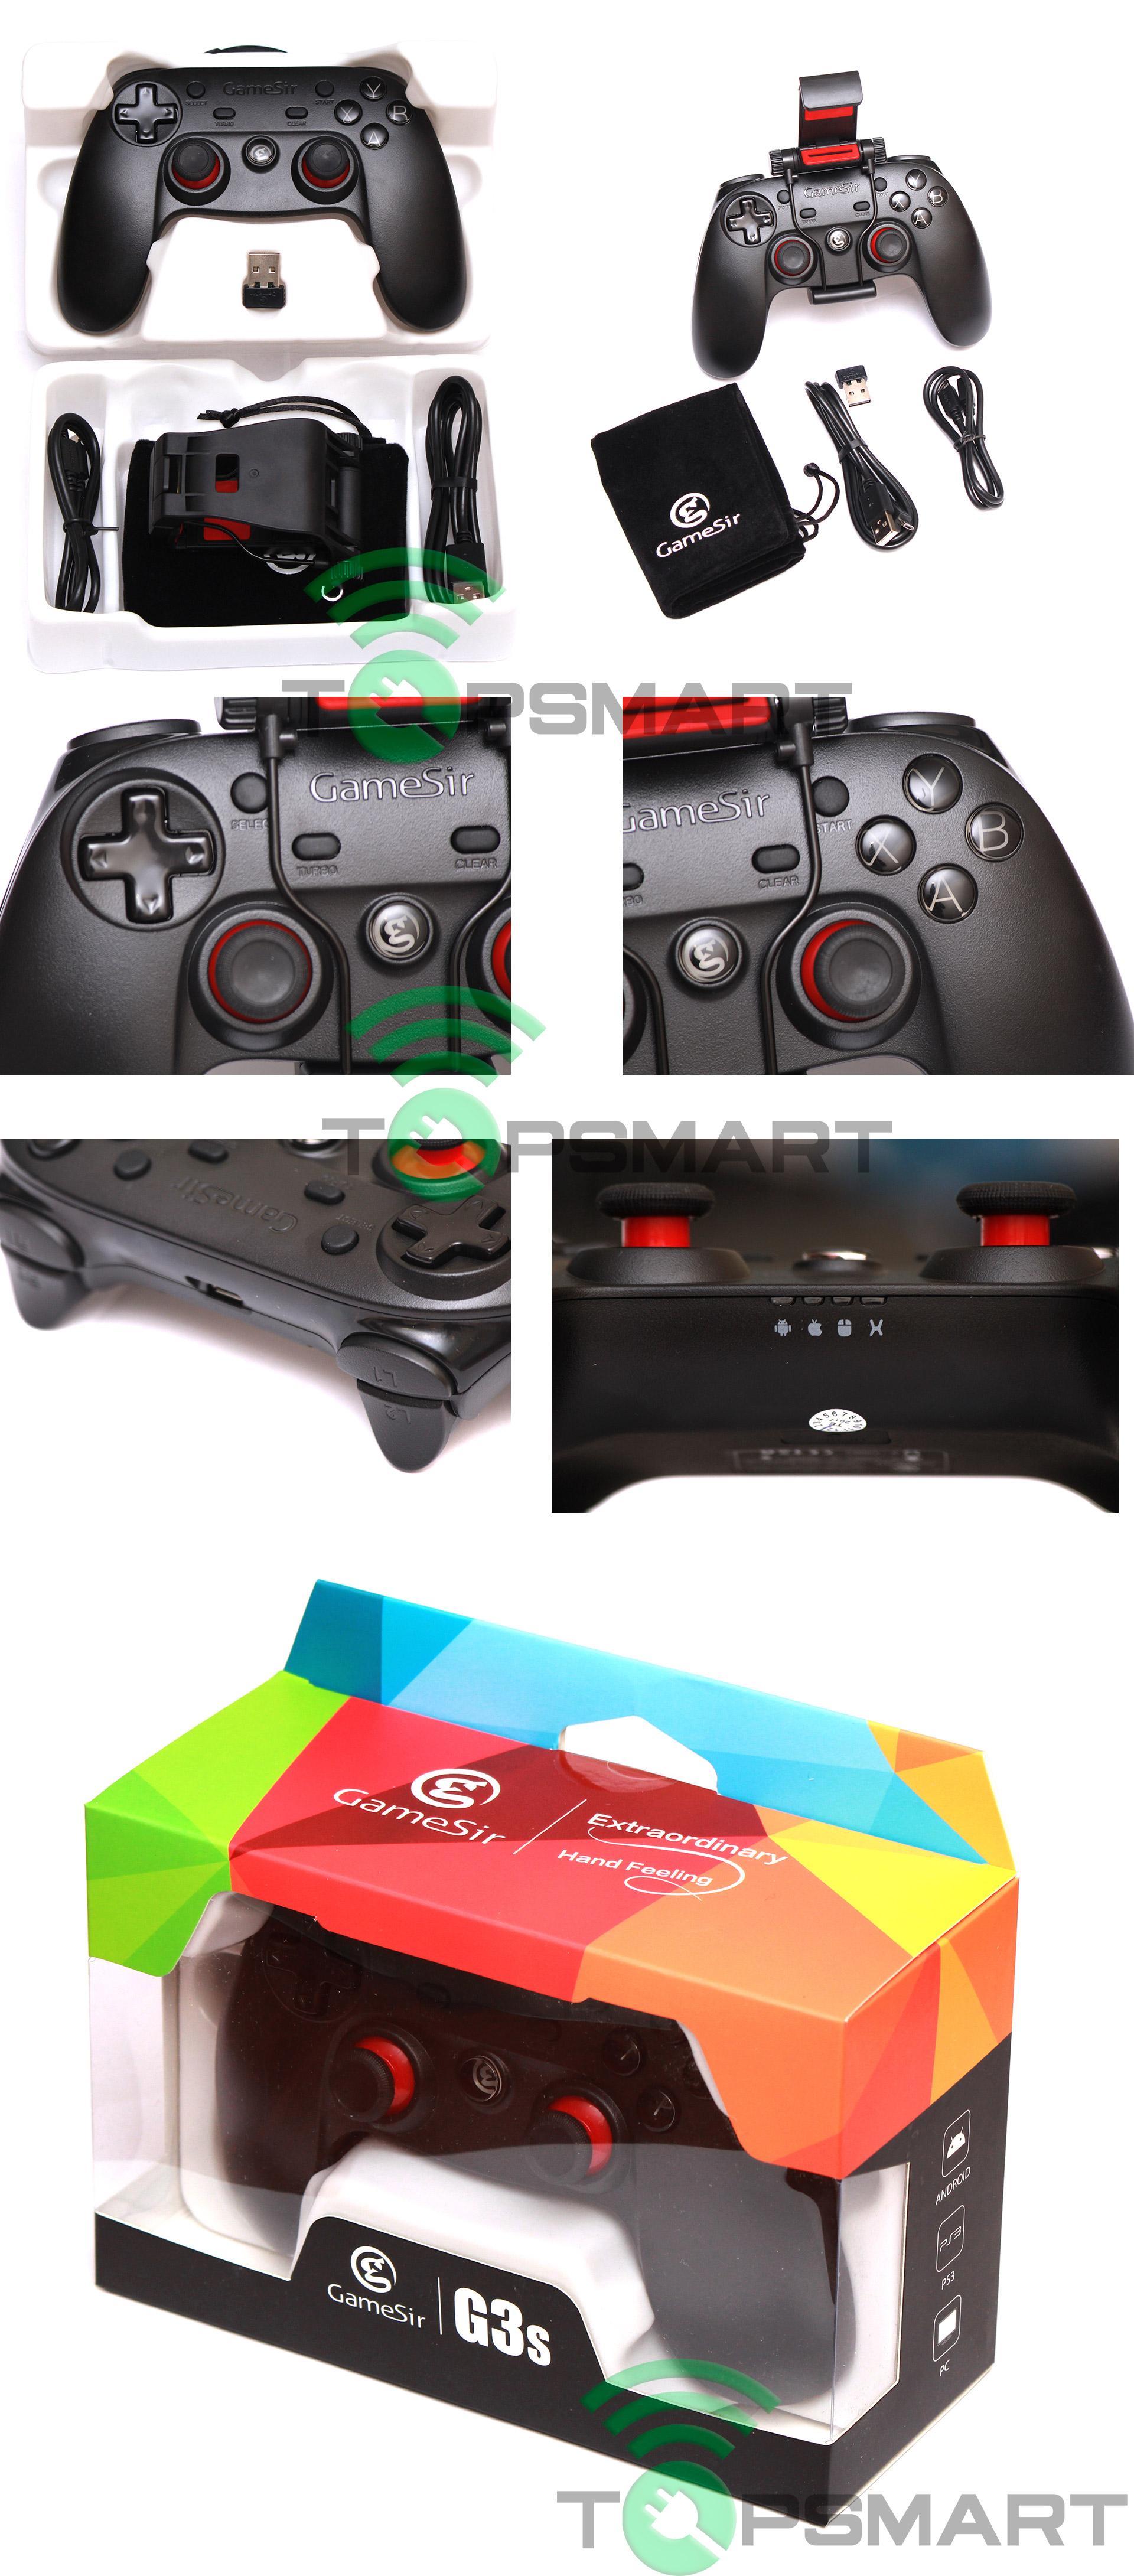 Игровой джойстик GameSir G3S by Topsmart.com.ua